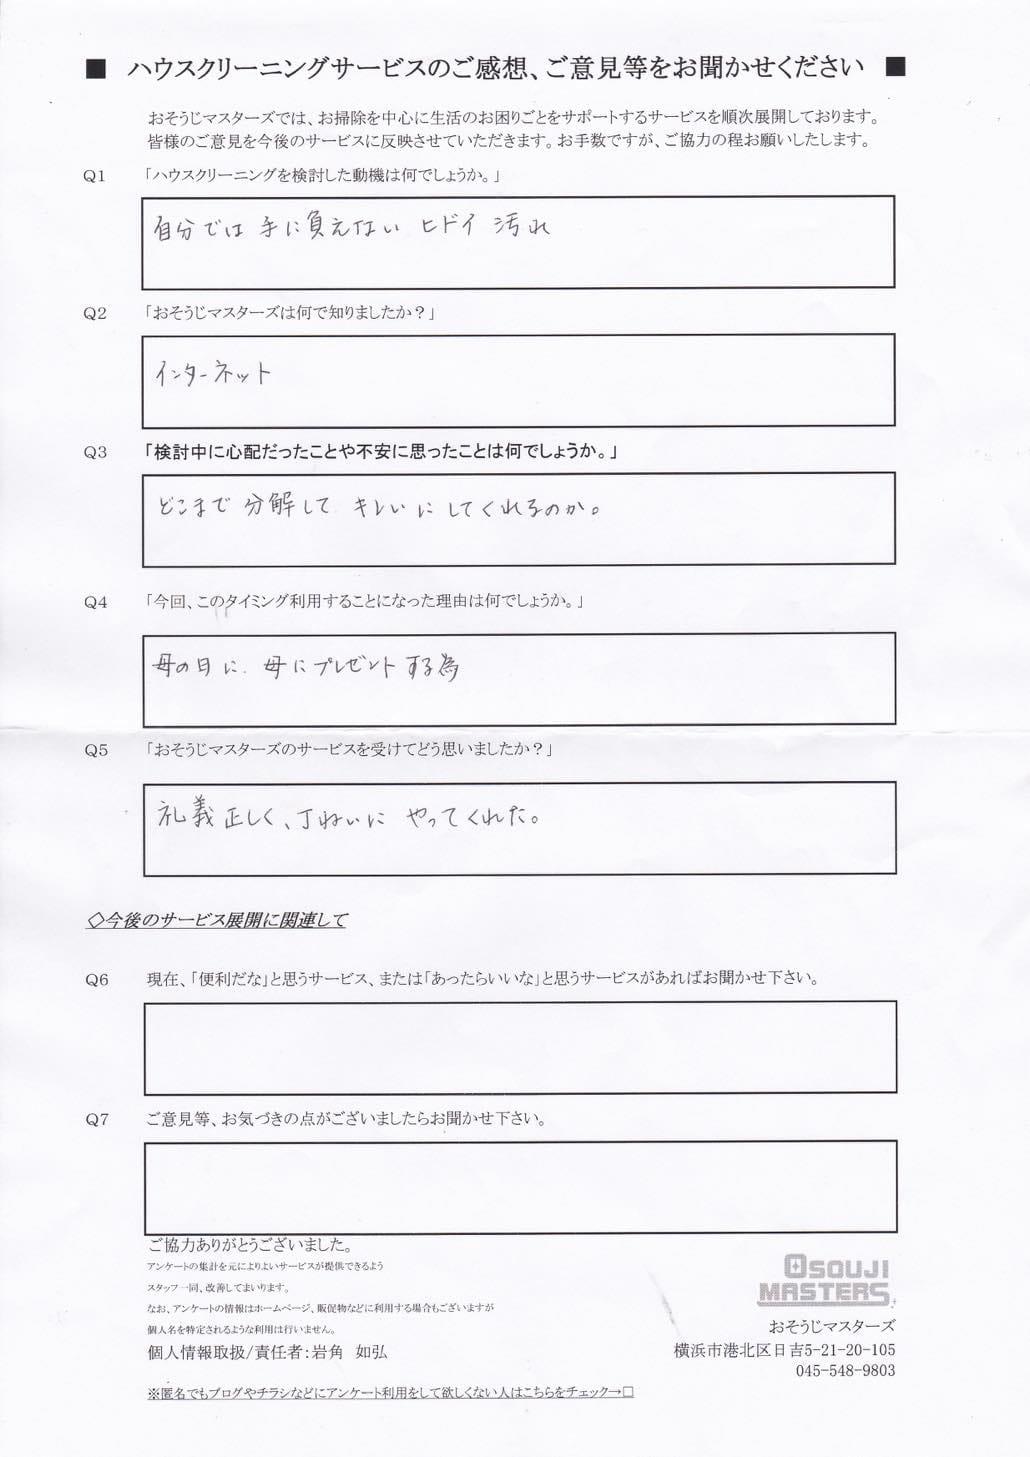 2015.5.23利用者アンケート